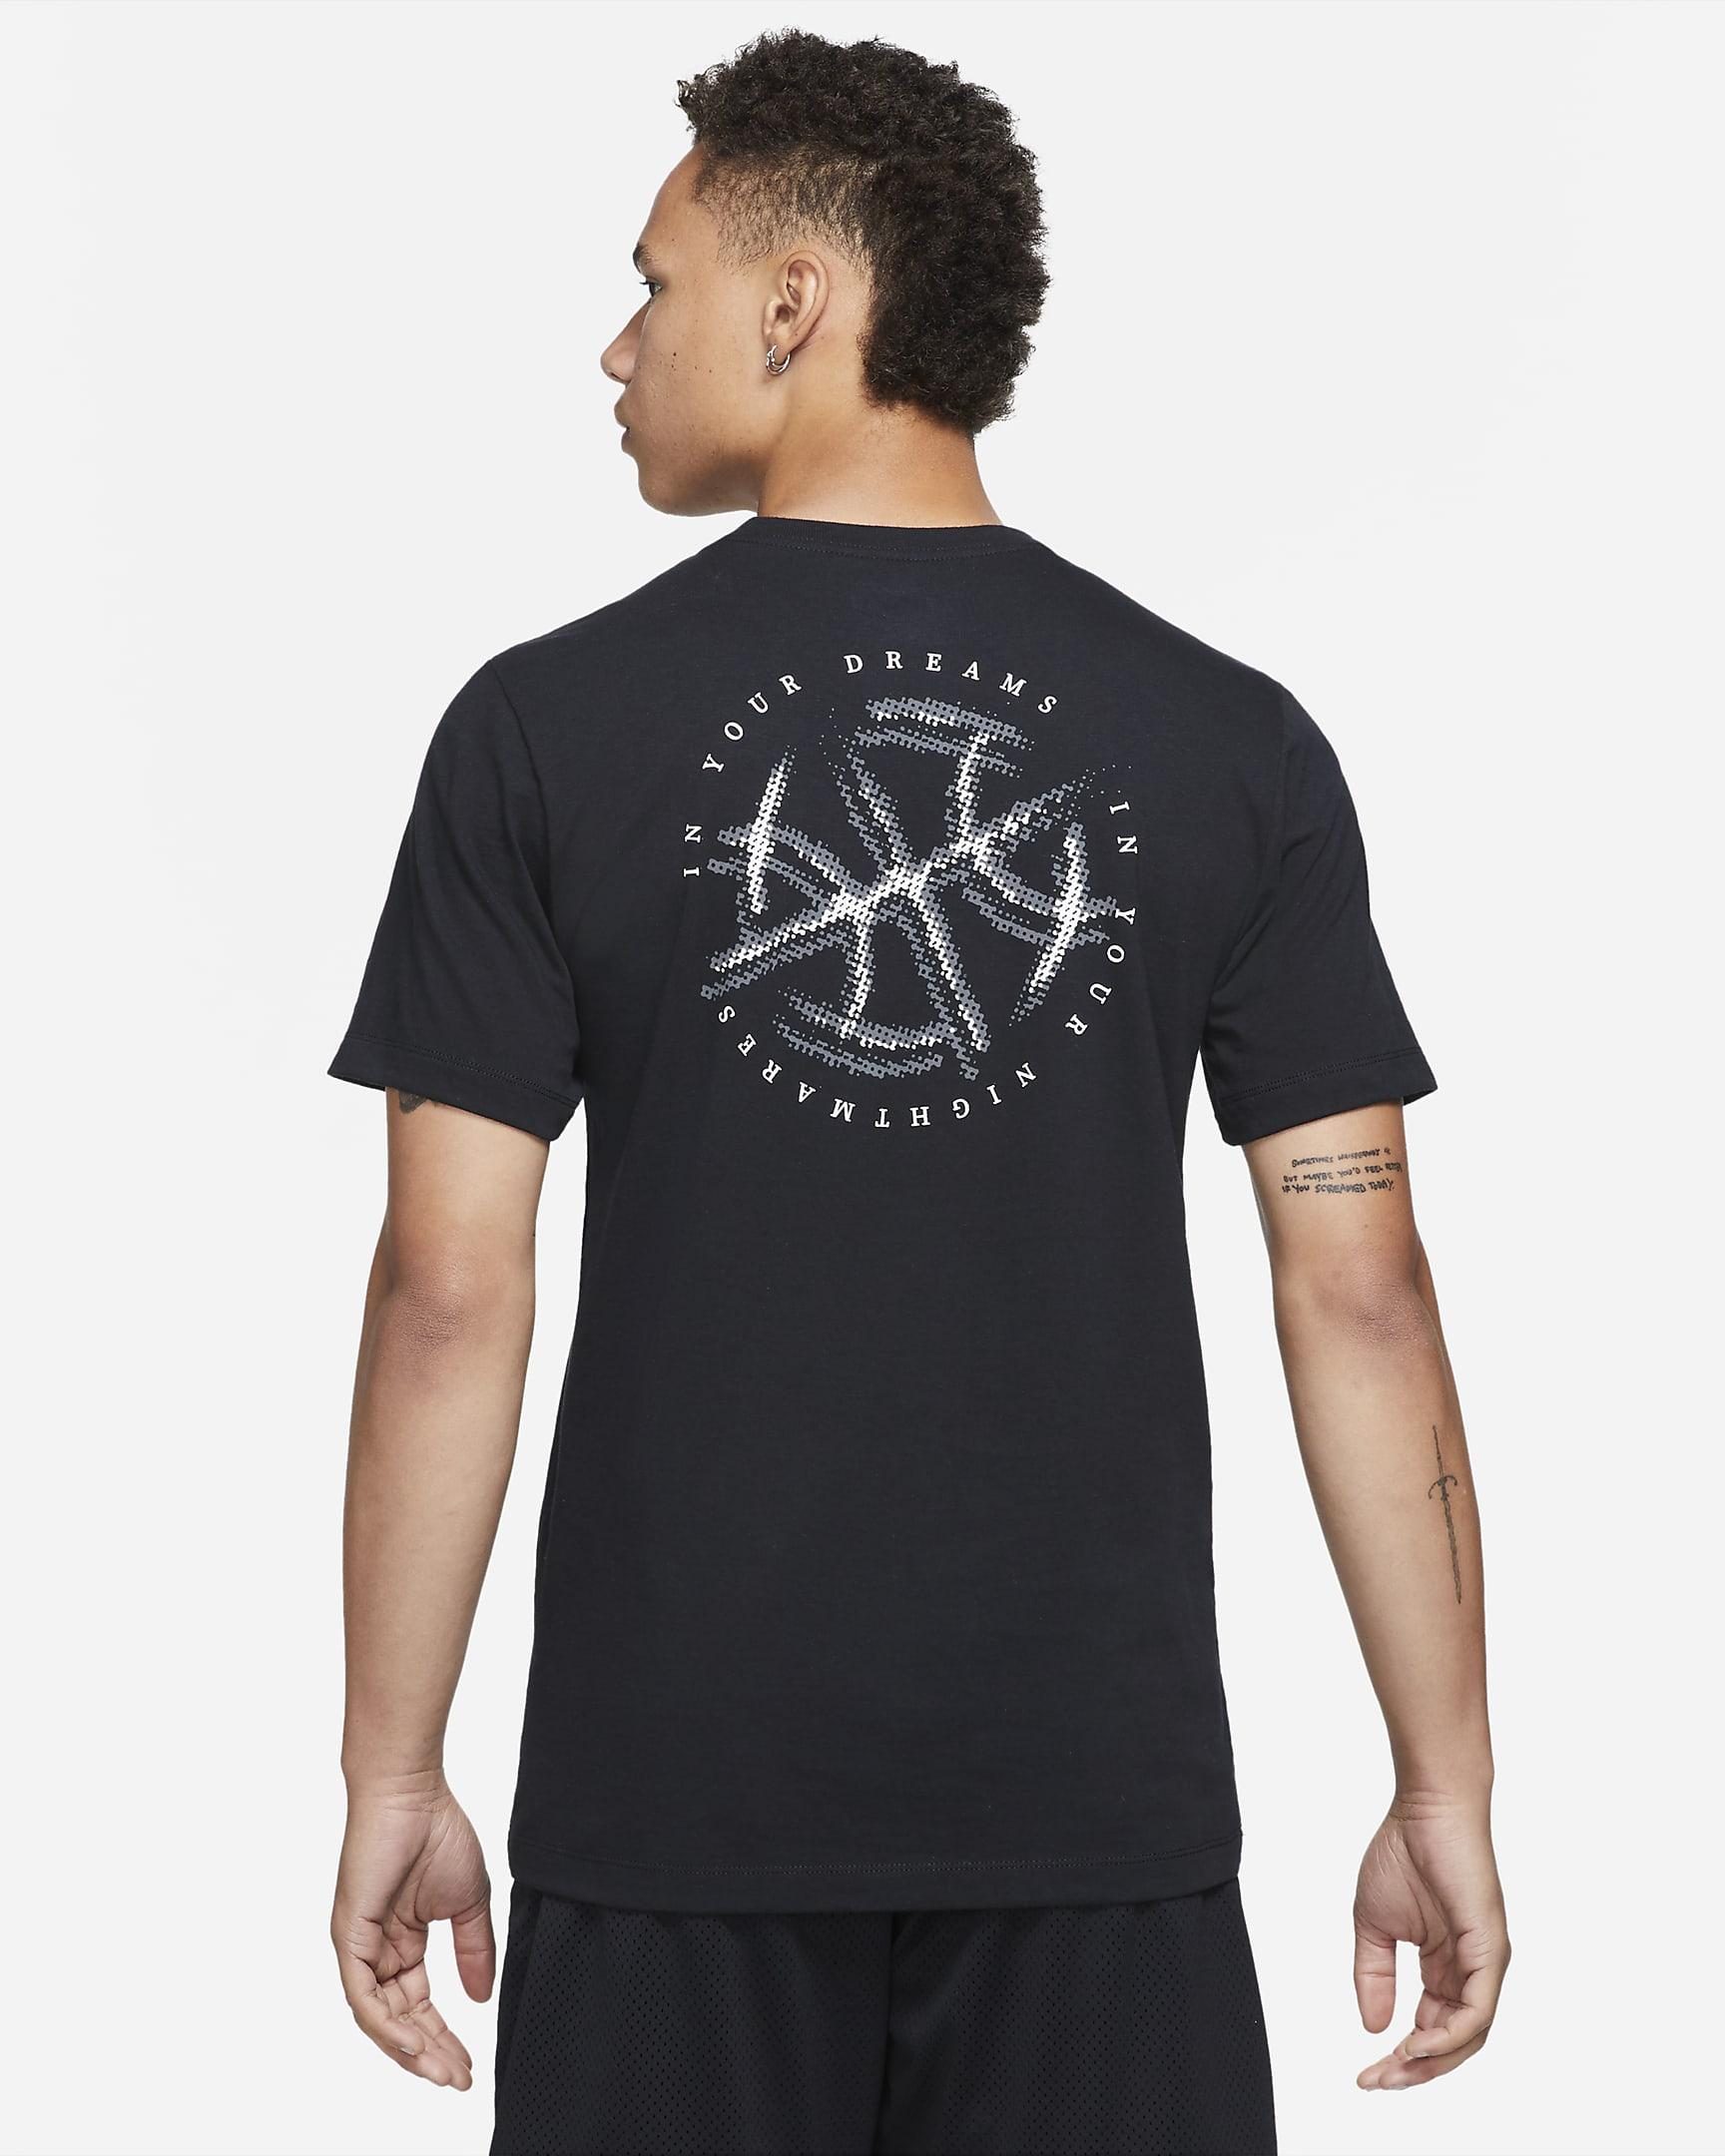 jordan-sport-dna-mens-short-sleeve-t-shirt-5dQJlz.png copy